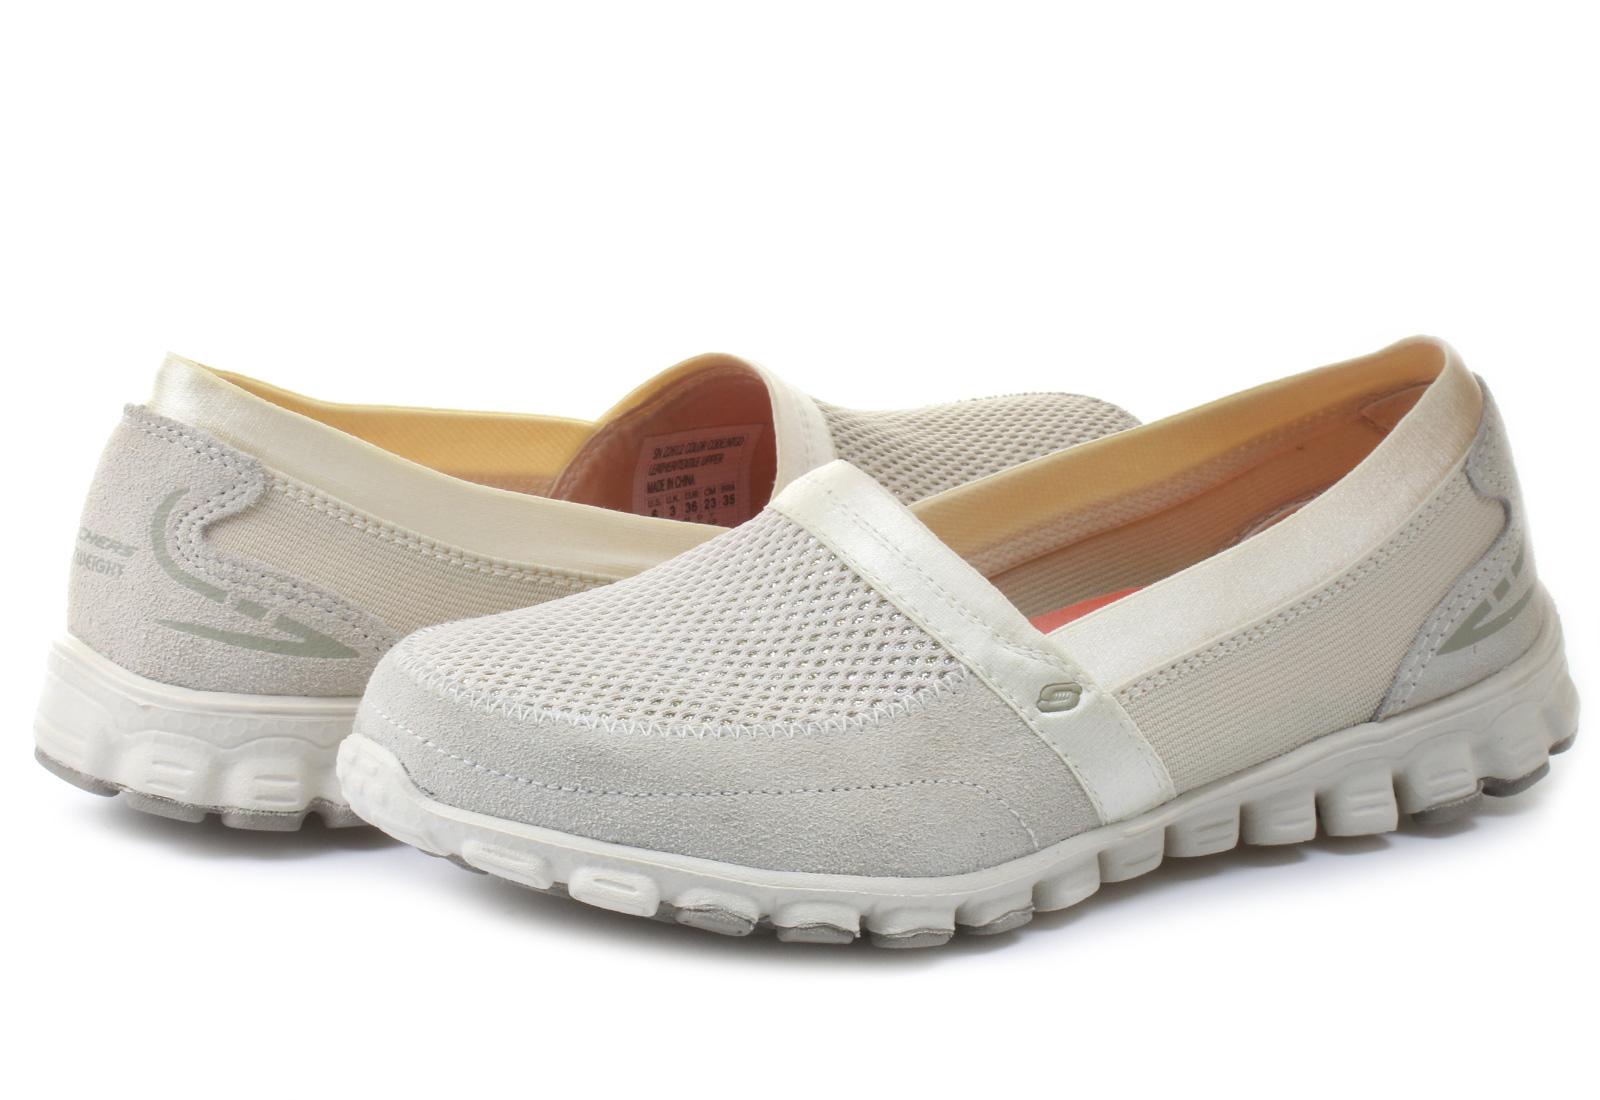 Skechers Cipő - Glitzy Glamour - 22612-ntgd - Office Shoes Magyarország 0ceba38ebb